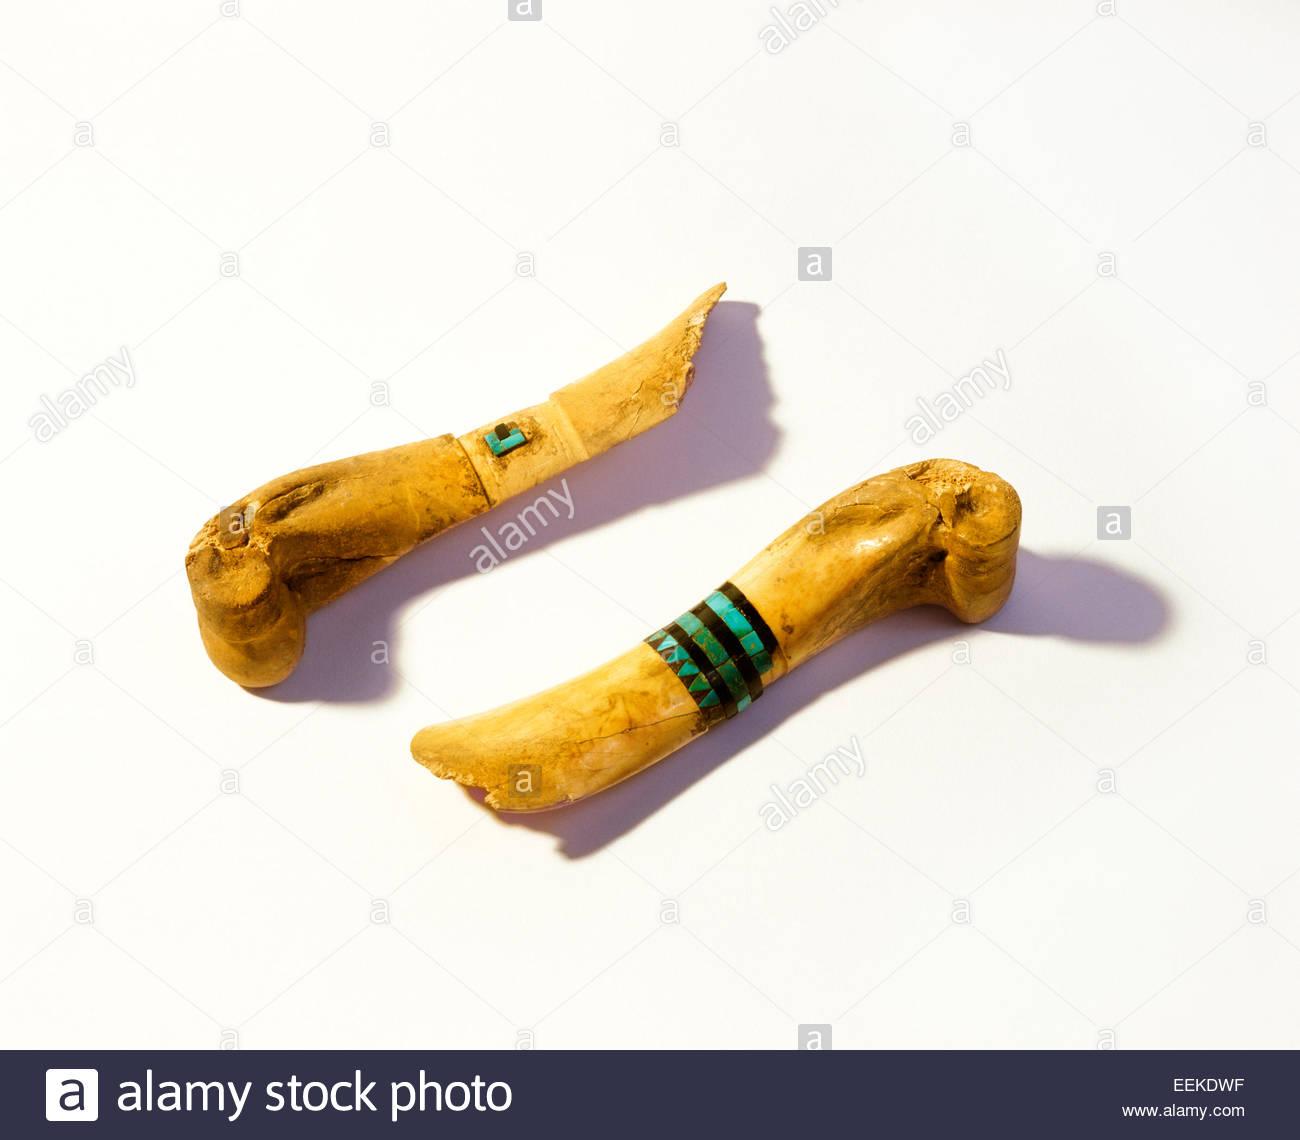 Anasazi Hirsch Knochen Schaber mit eingelegten Jet und Türkis von Pueblo Bonito.  Chaco Culture National Park, Stockbild